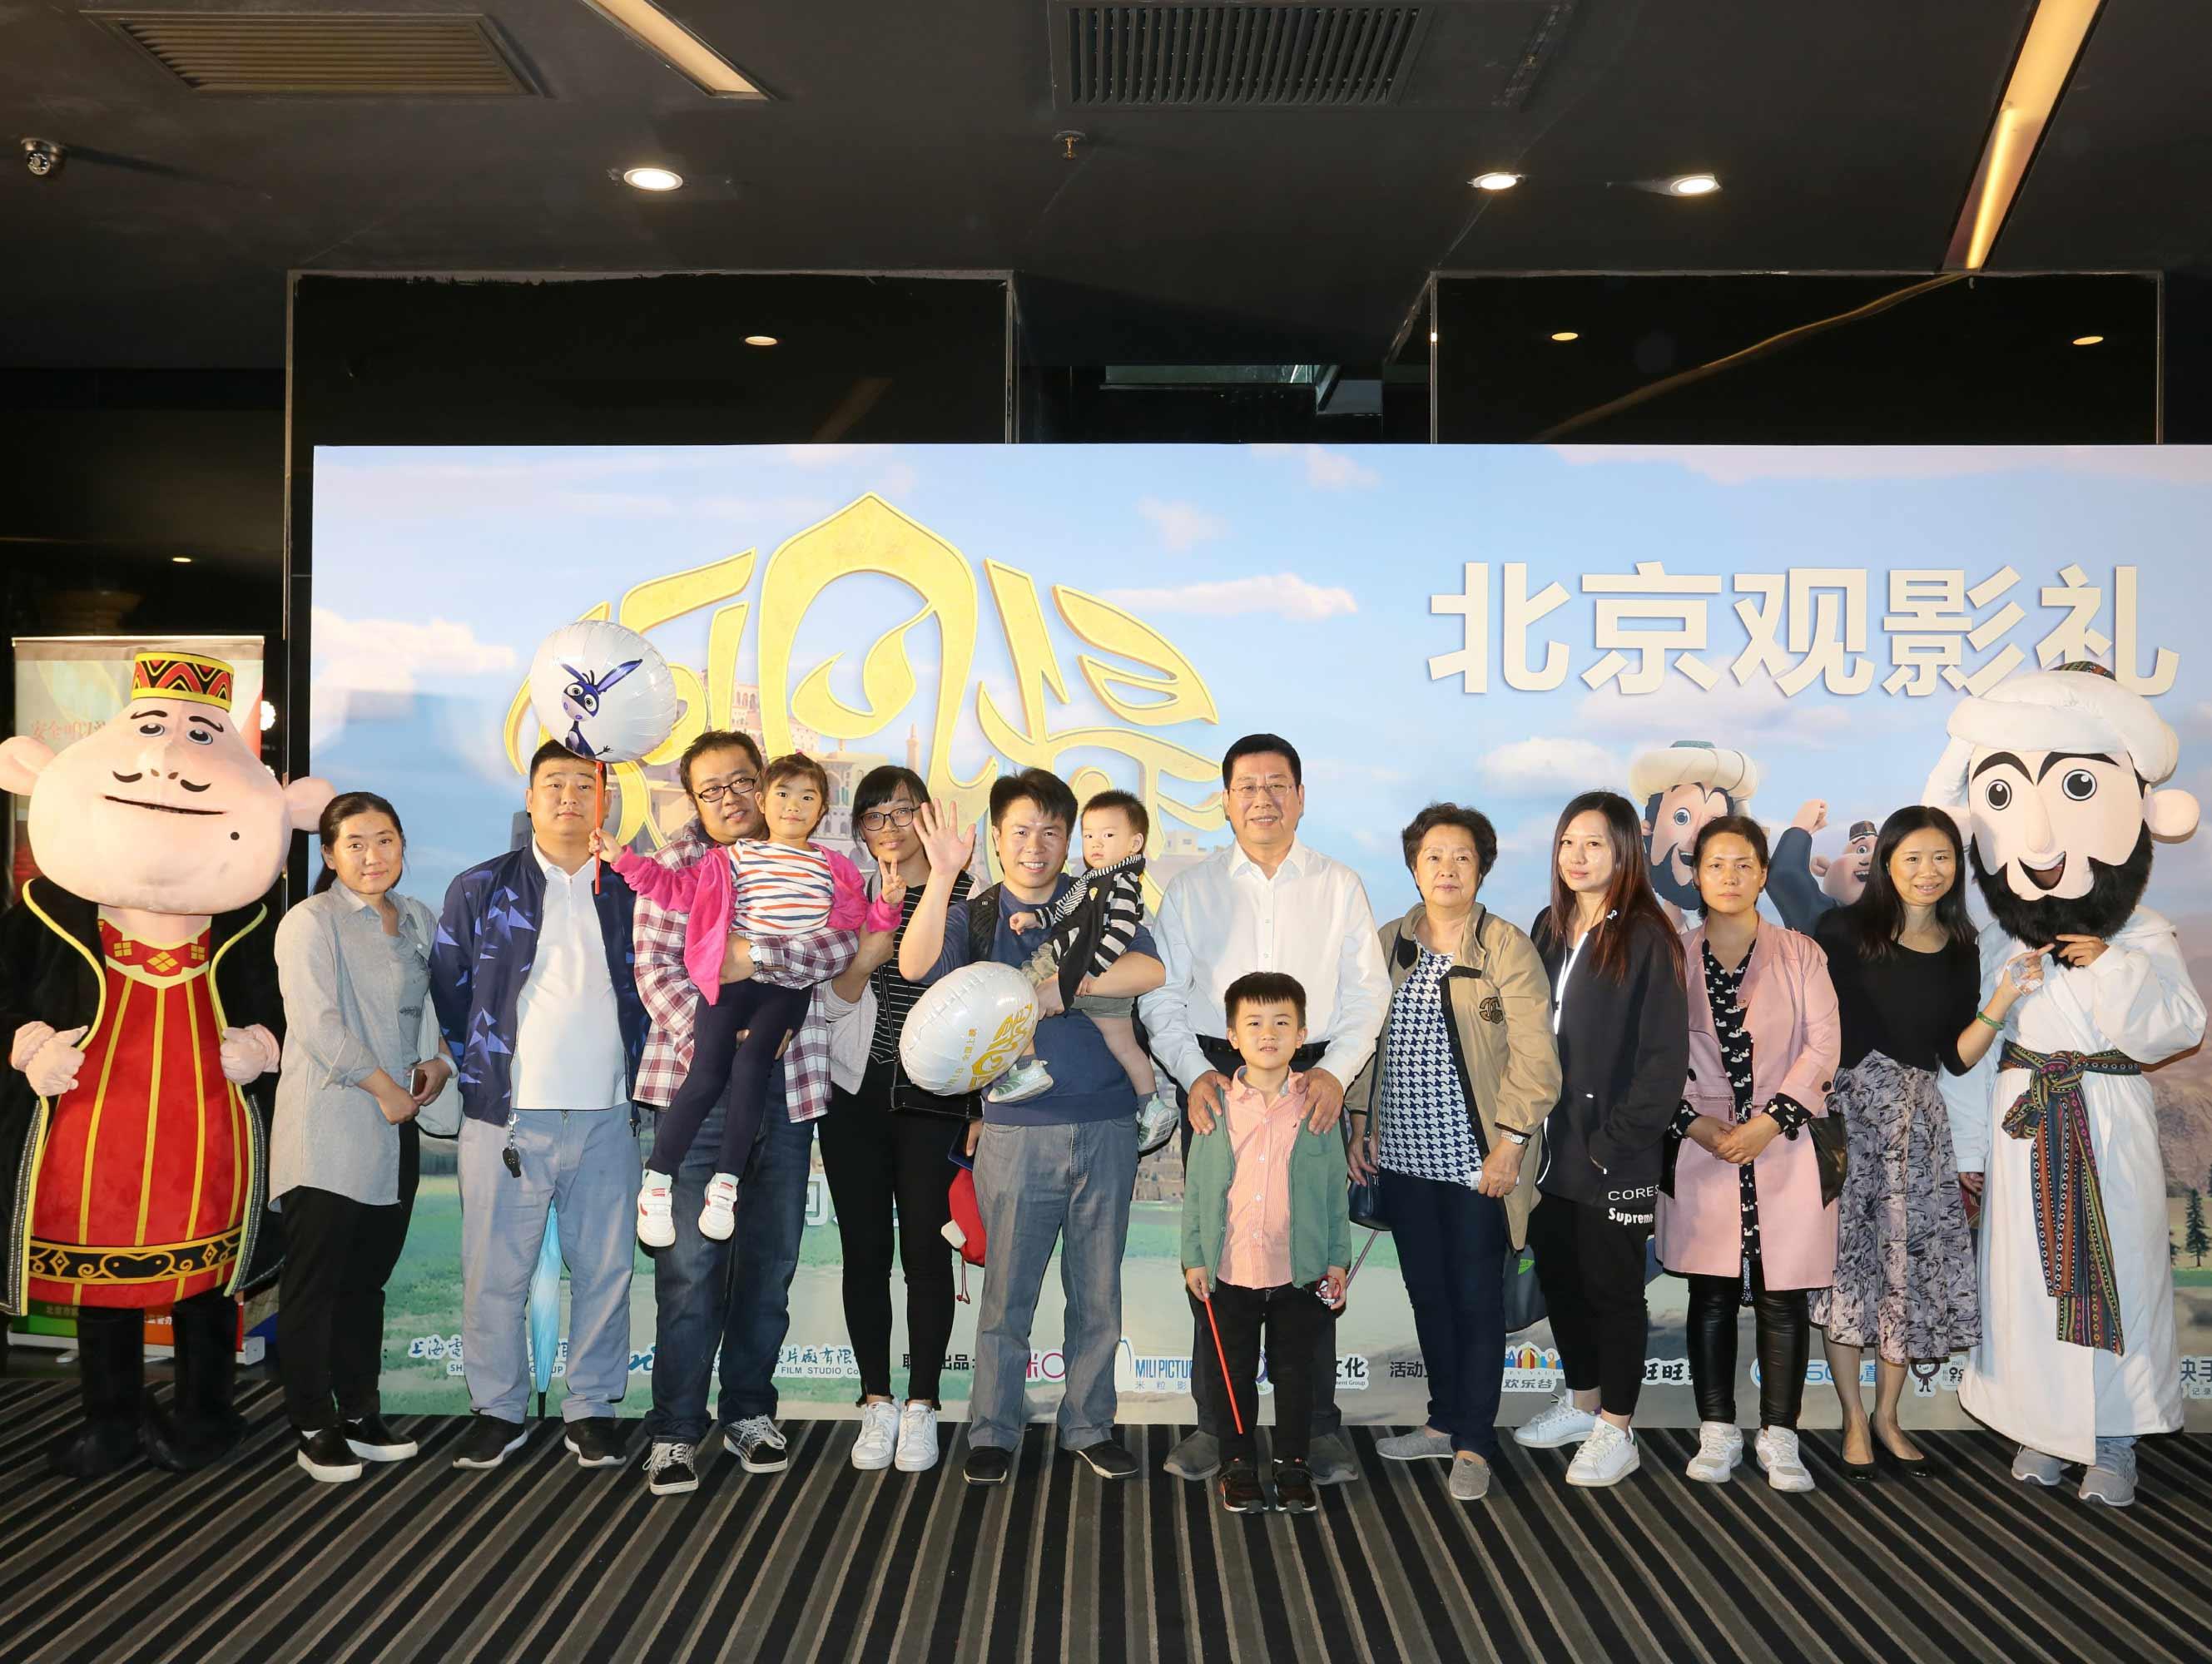 《阿凡提之奇缘历险》北京观影礼 获赞兼具欢乐与冒险